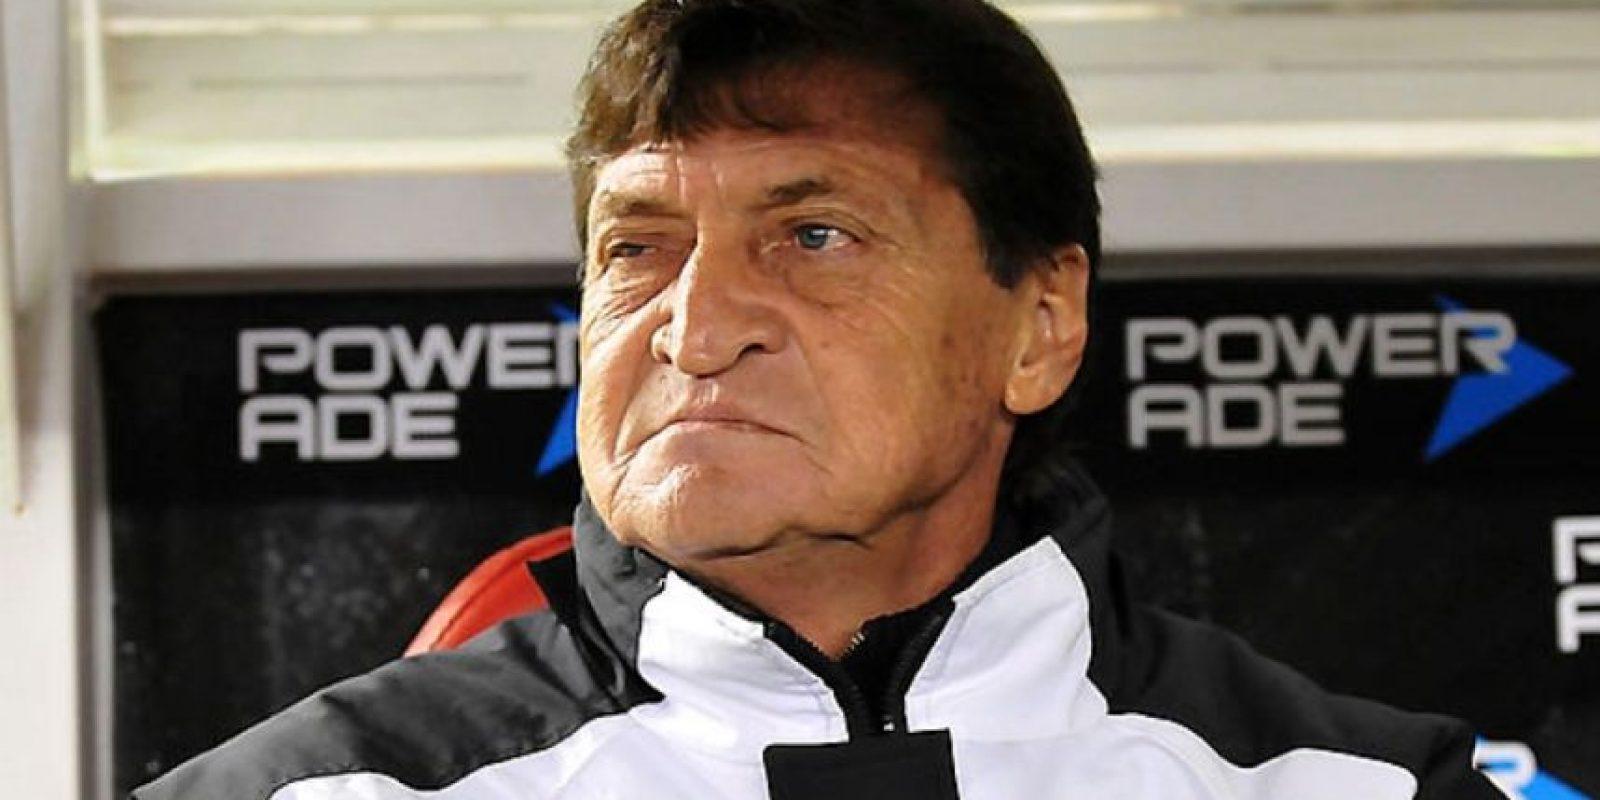 El argentino tuvo un recordado paso como portero de América de Cali en la década del 80, como entrenador se destacó en Banfield ganando el torneo apertura argentino en el año 2009 (Con James Rodríguez en nómina), en 2011 fue campeón invicto con Boca Juniors en el apertura gaucho y en 2012 obtuvo la Copa Argentina con el 'xeneize'. Sus últimas experiencias no han sido buenas, prácticamente condenó al descenso a All Boys en 2013, en 2014 pasó por Universidad Católica sin mucha gloria y en el primer semestre de 2015 dirigió a Quilmes, de nuevo en Argentina, con un rendimiento menor. Foto:Archivo Getty Images.